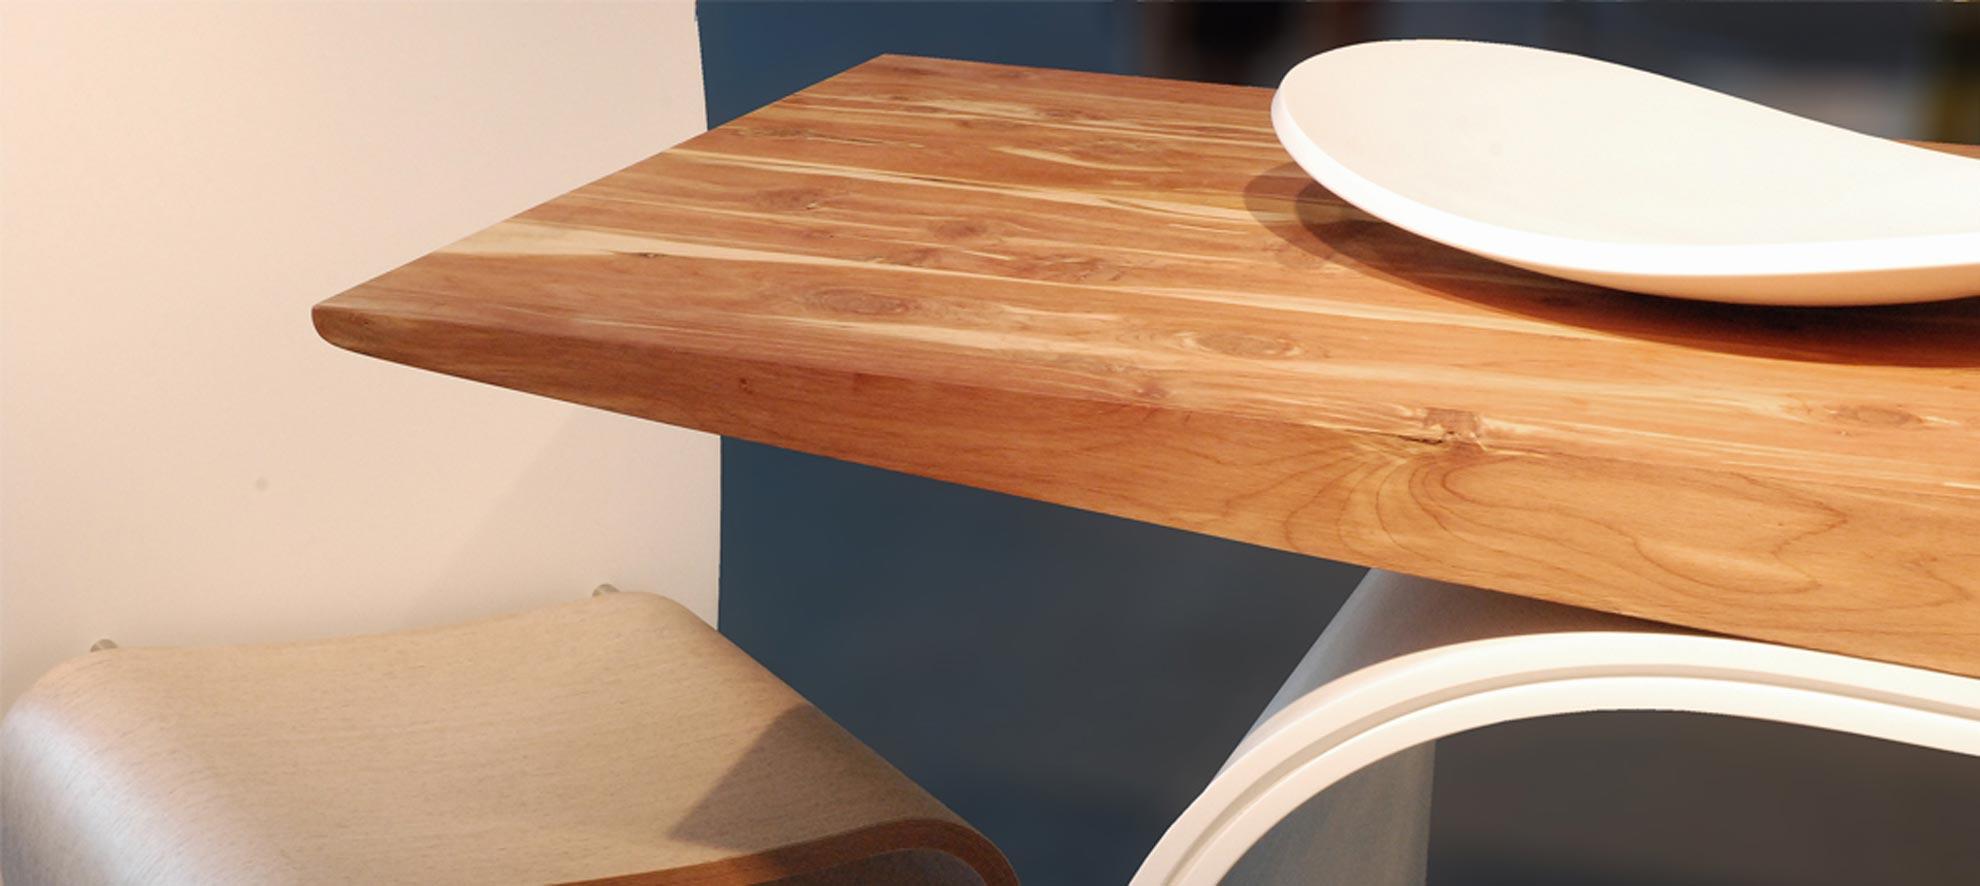 Tavolo in legno vela architetto andrea bella for Studio architettura interni torino